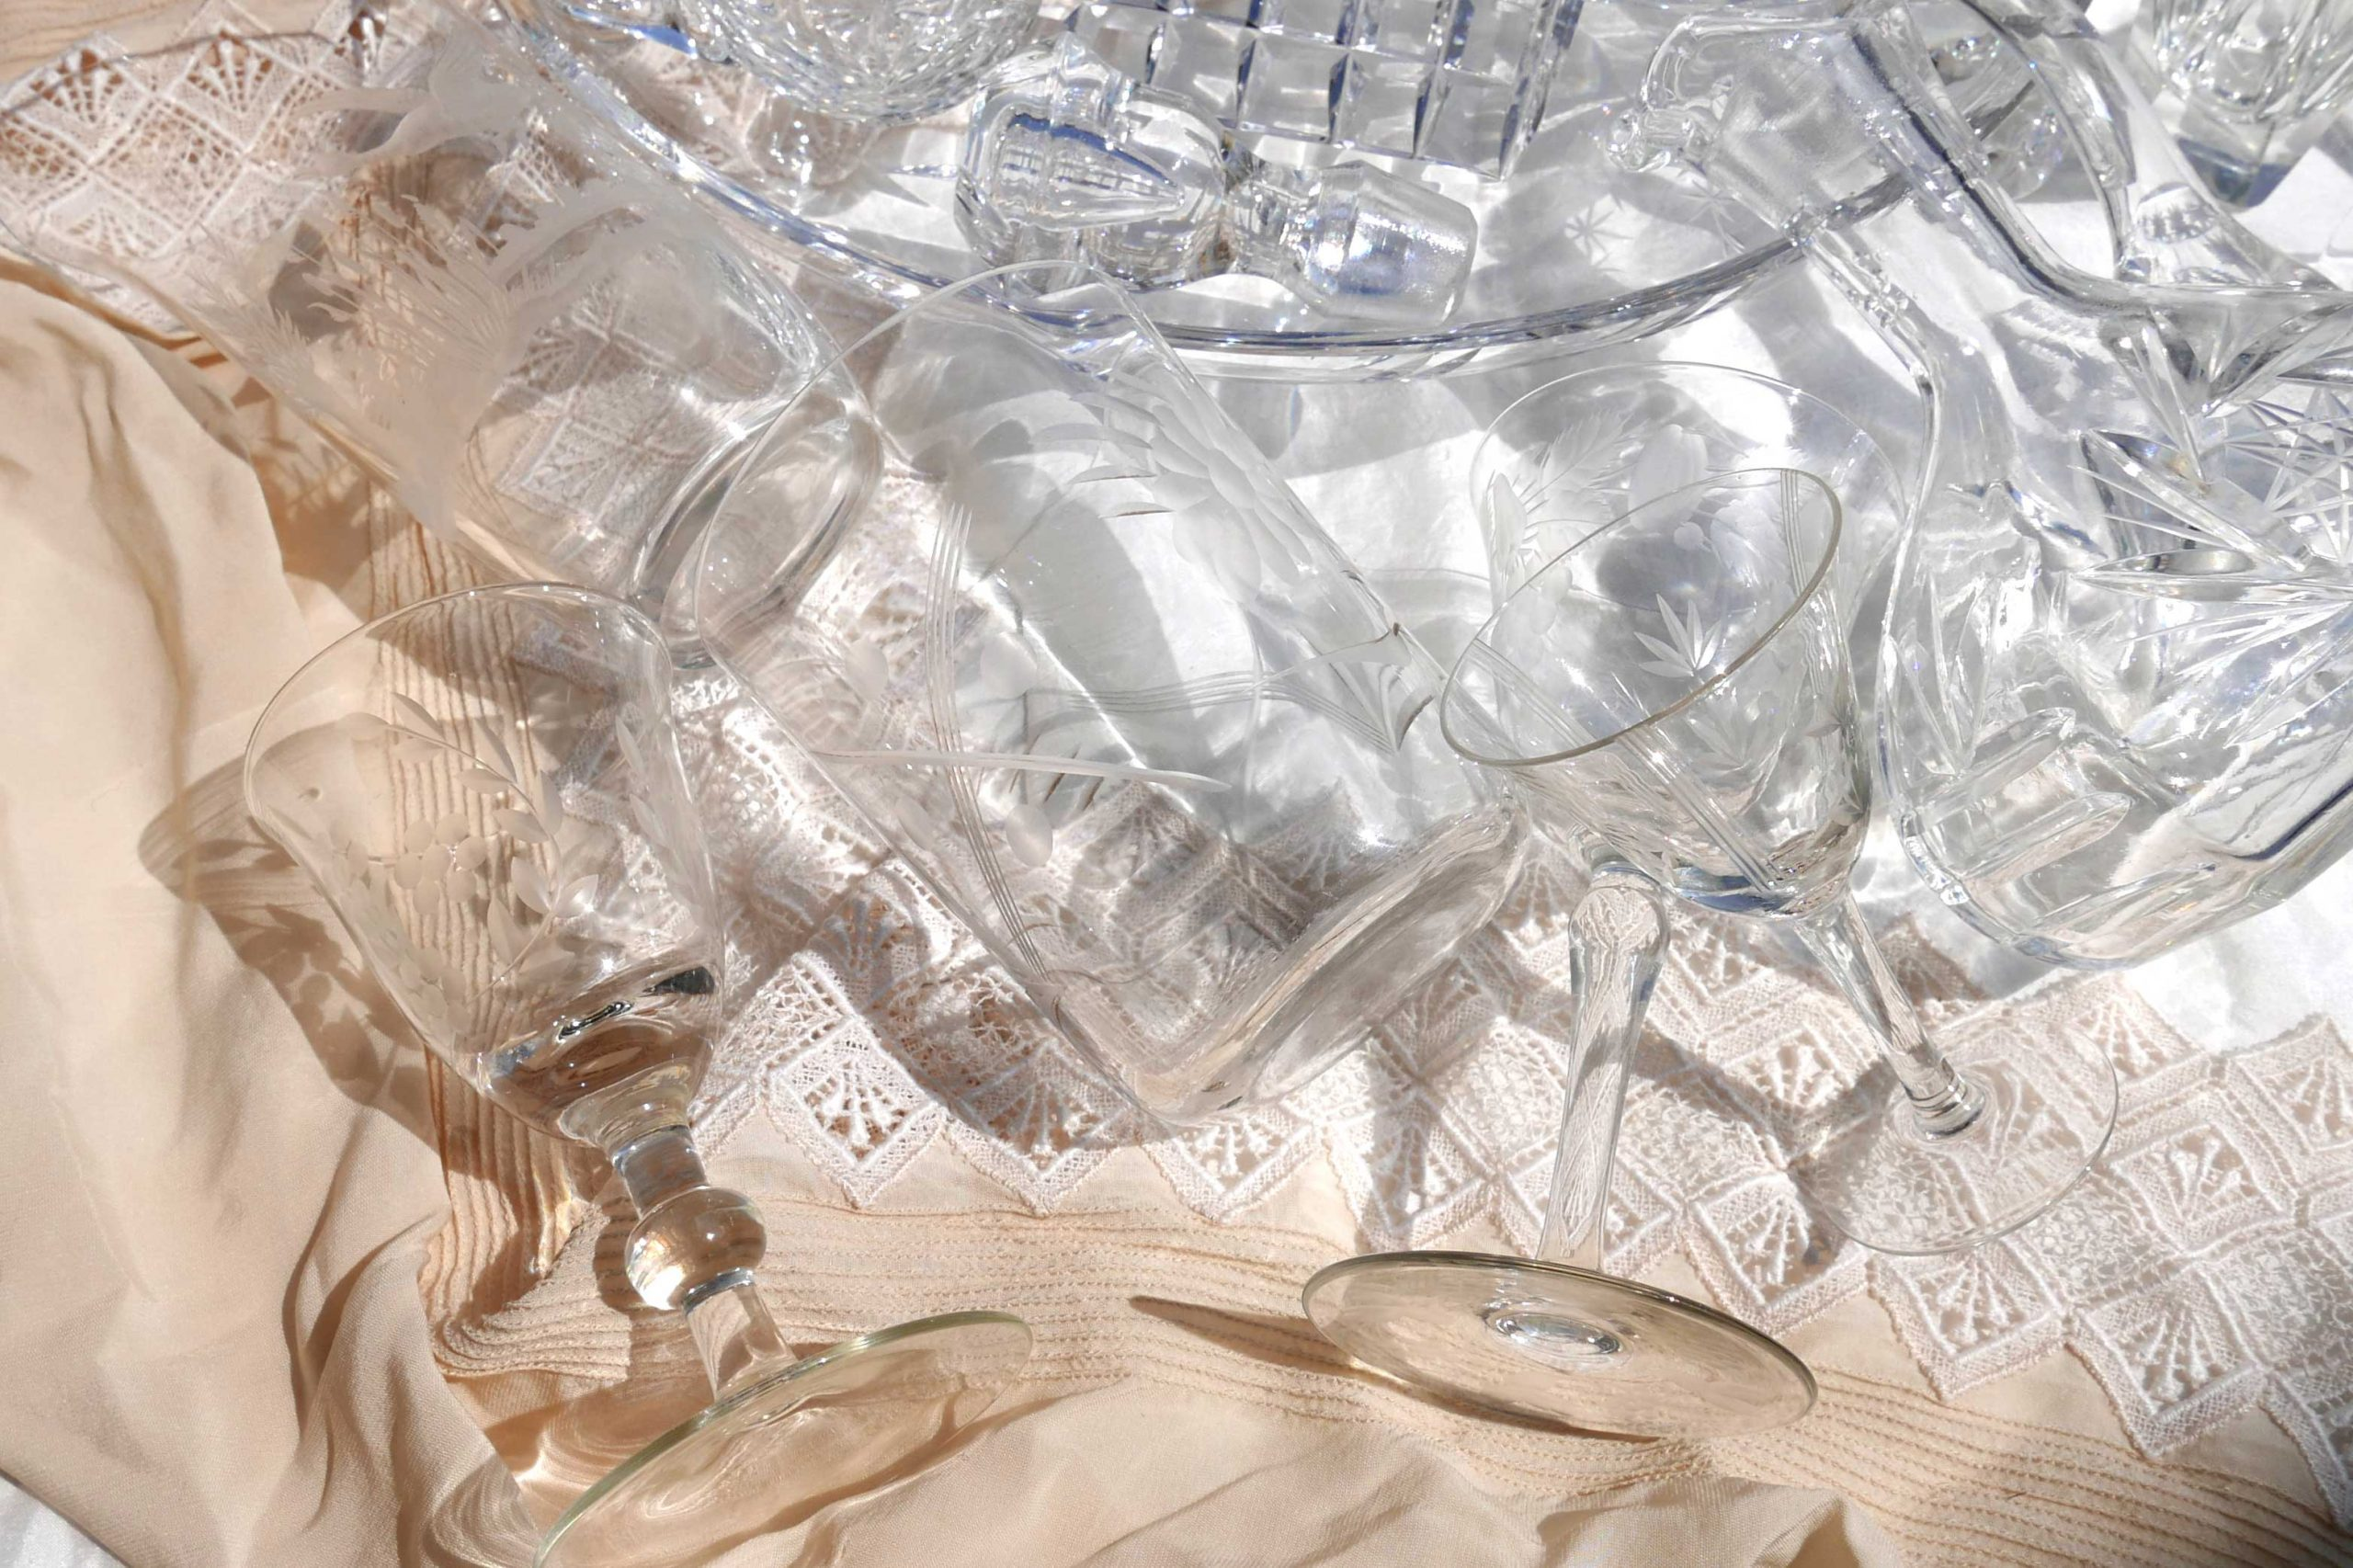 Kristallglas Klarheit Weinglas in der Sonne